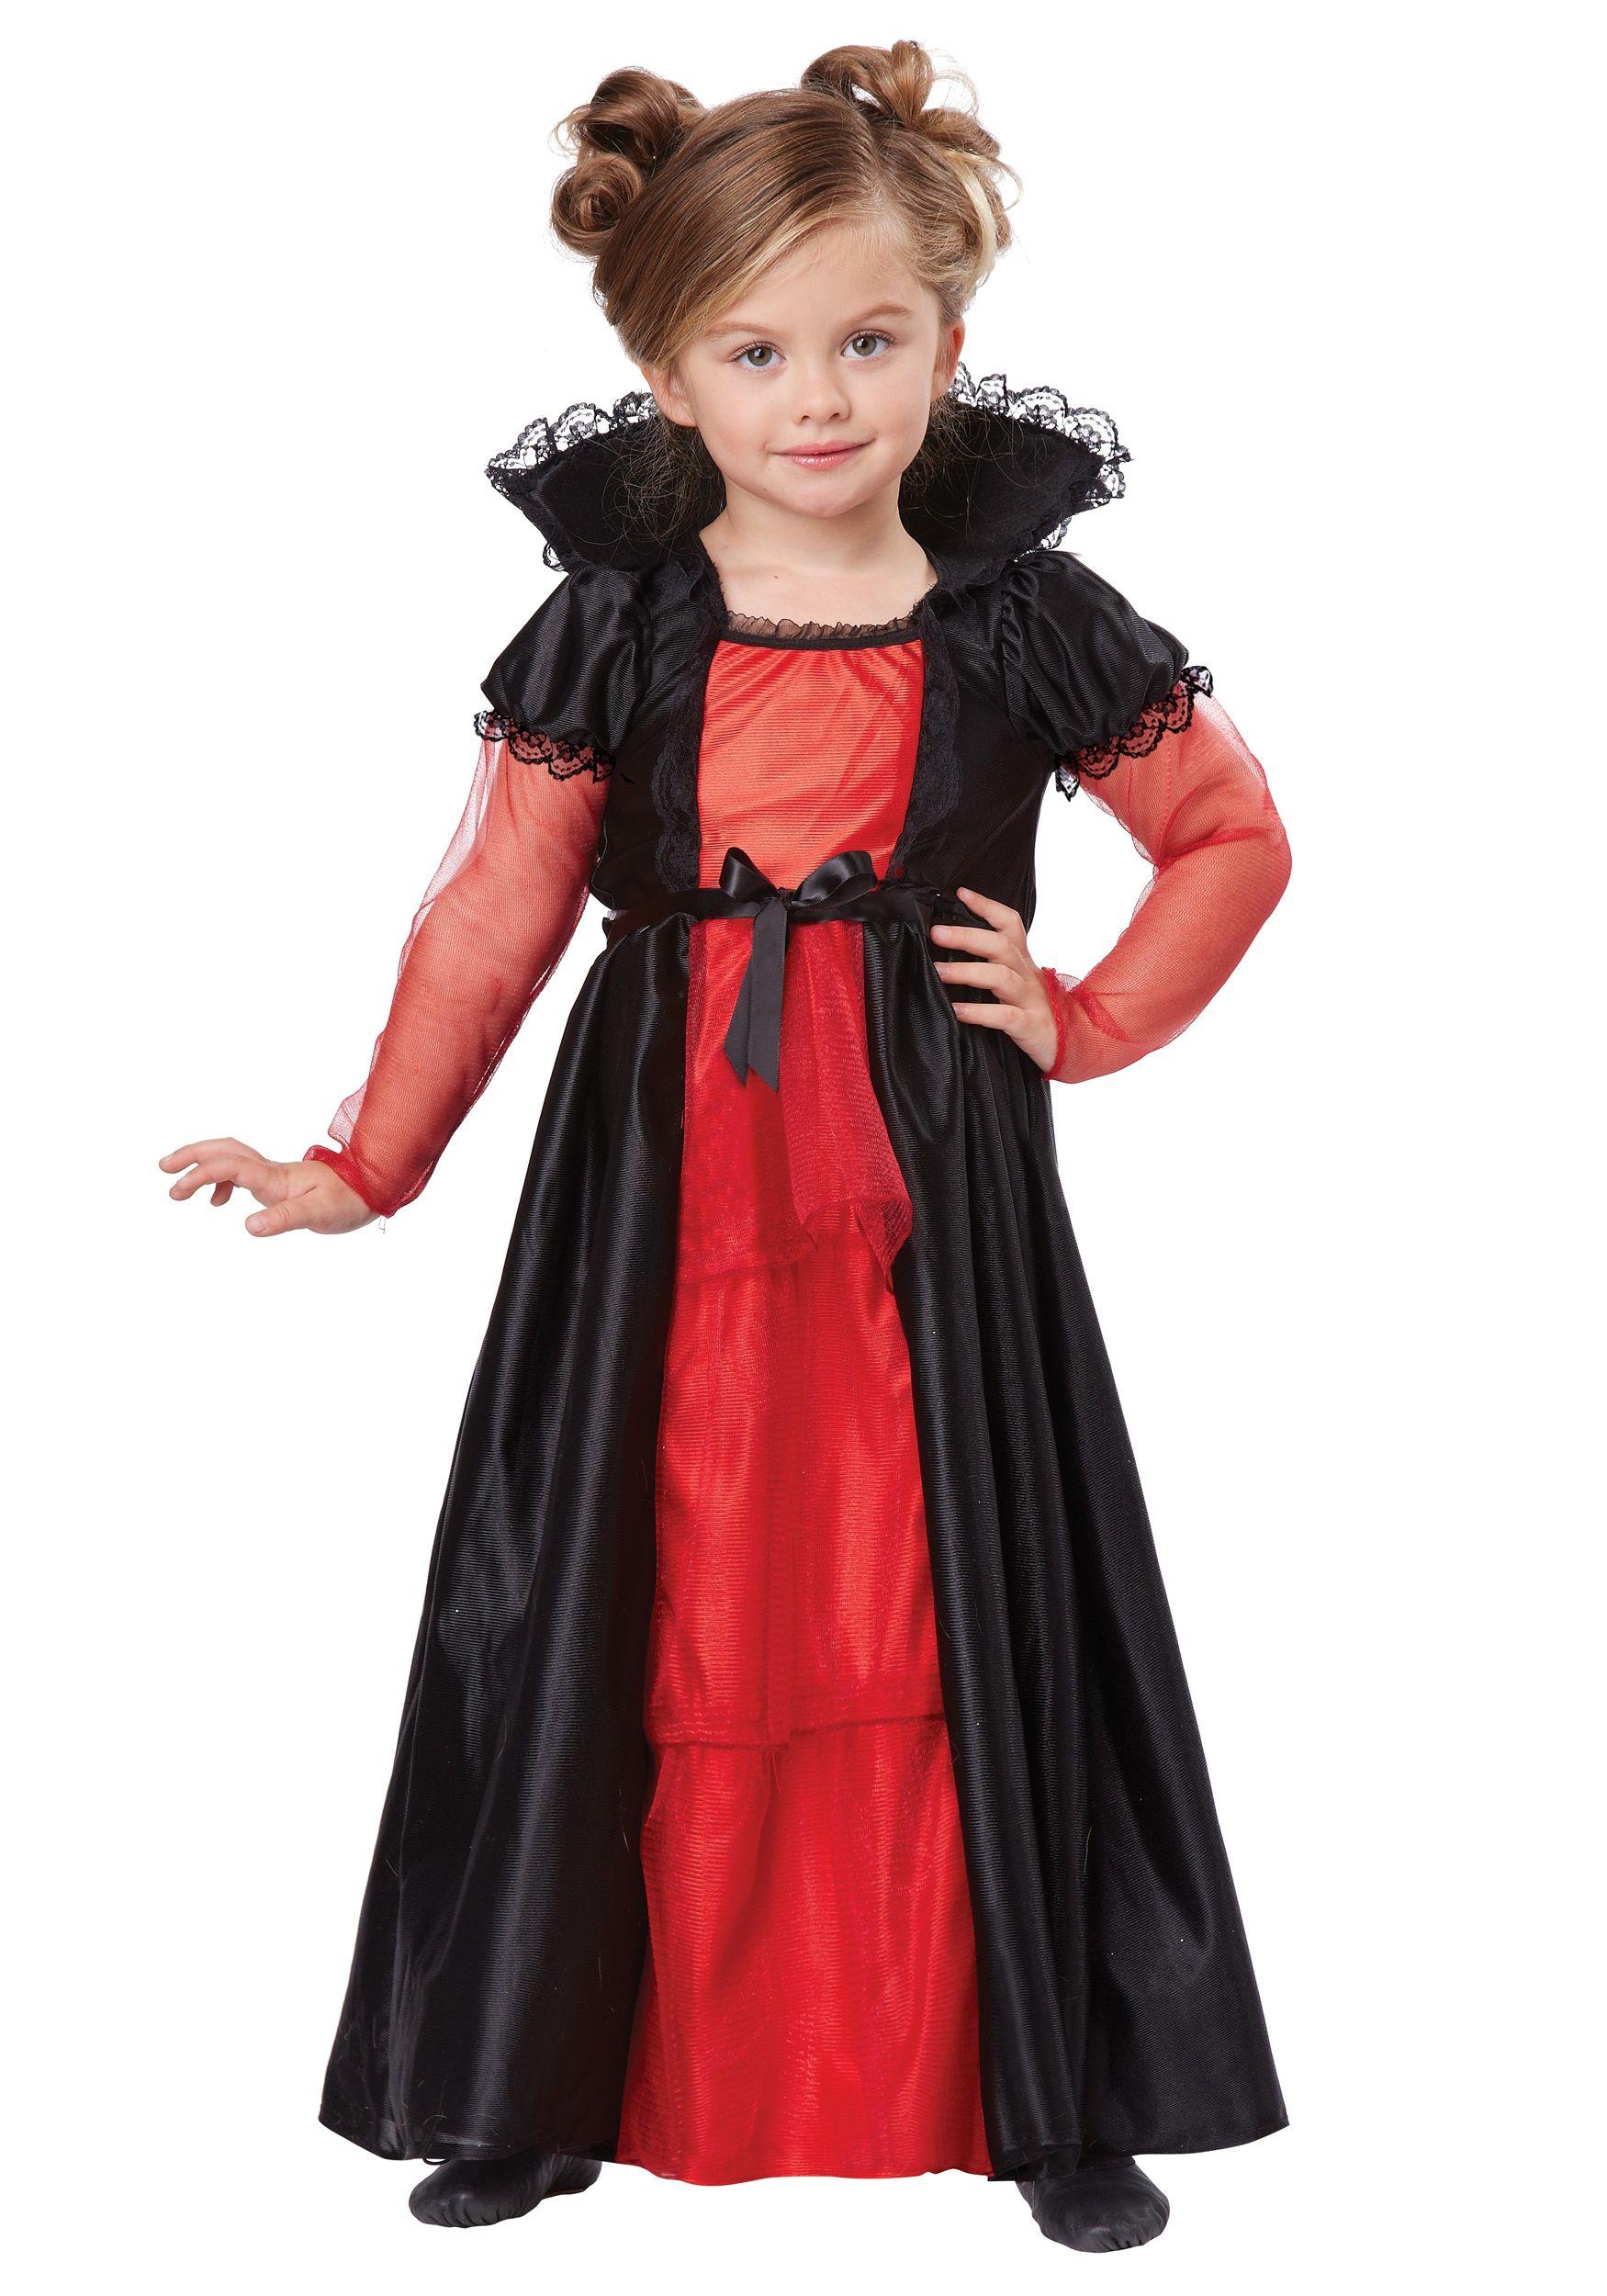 Toddler Vampire Girl Costume | Vampire girls, Costumes and ...